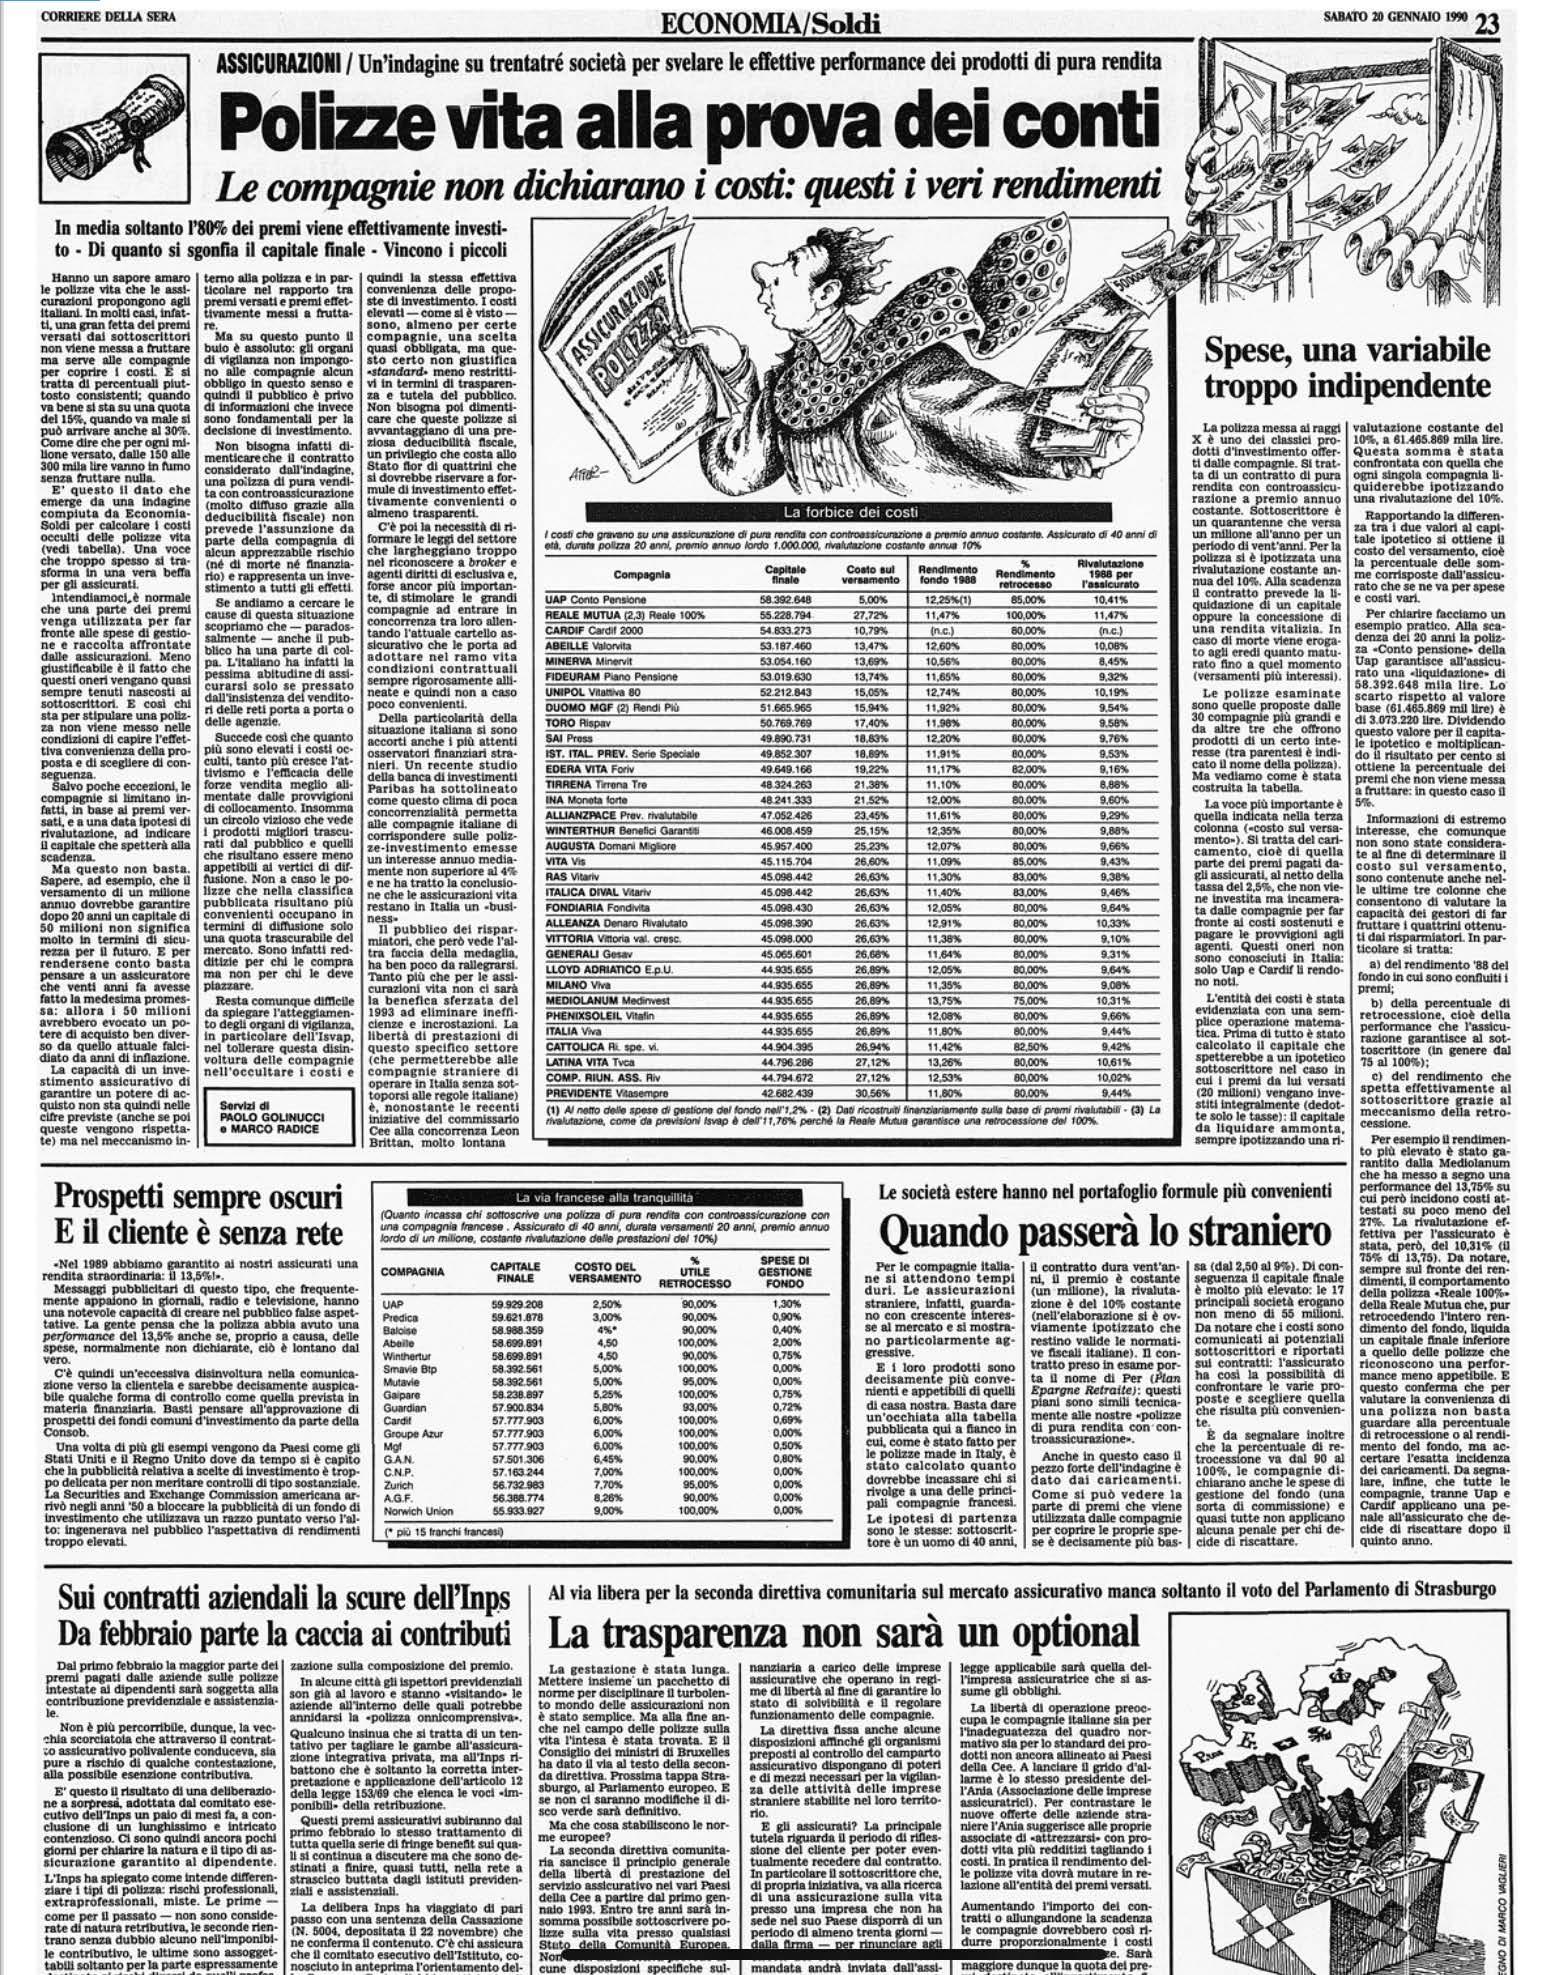 20gen1990-polizze-vita-alla-prova-dei-conti (002)